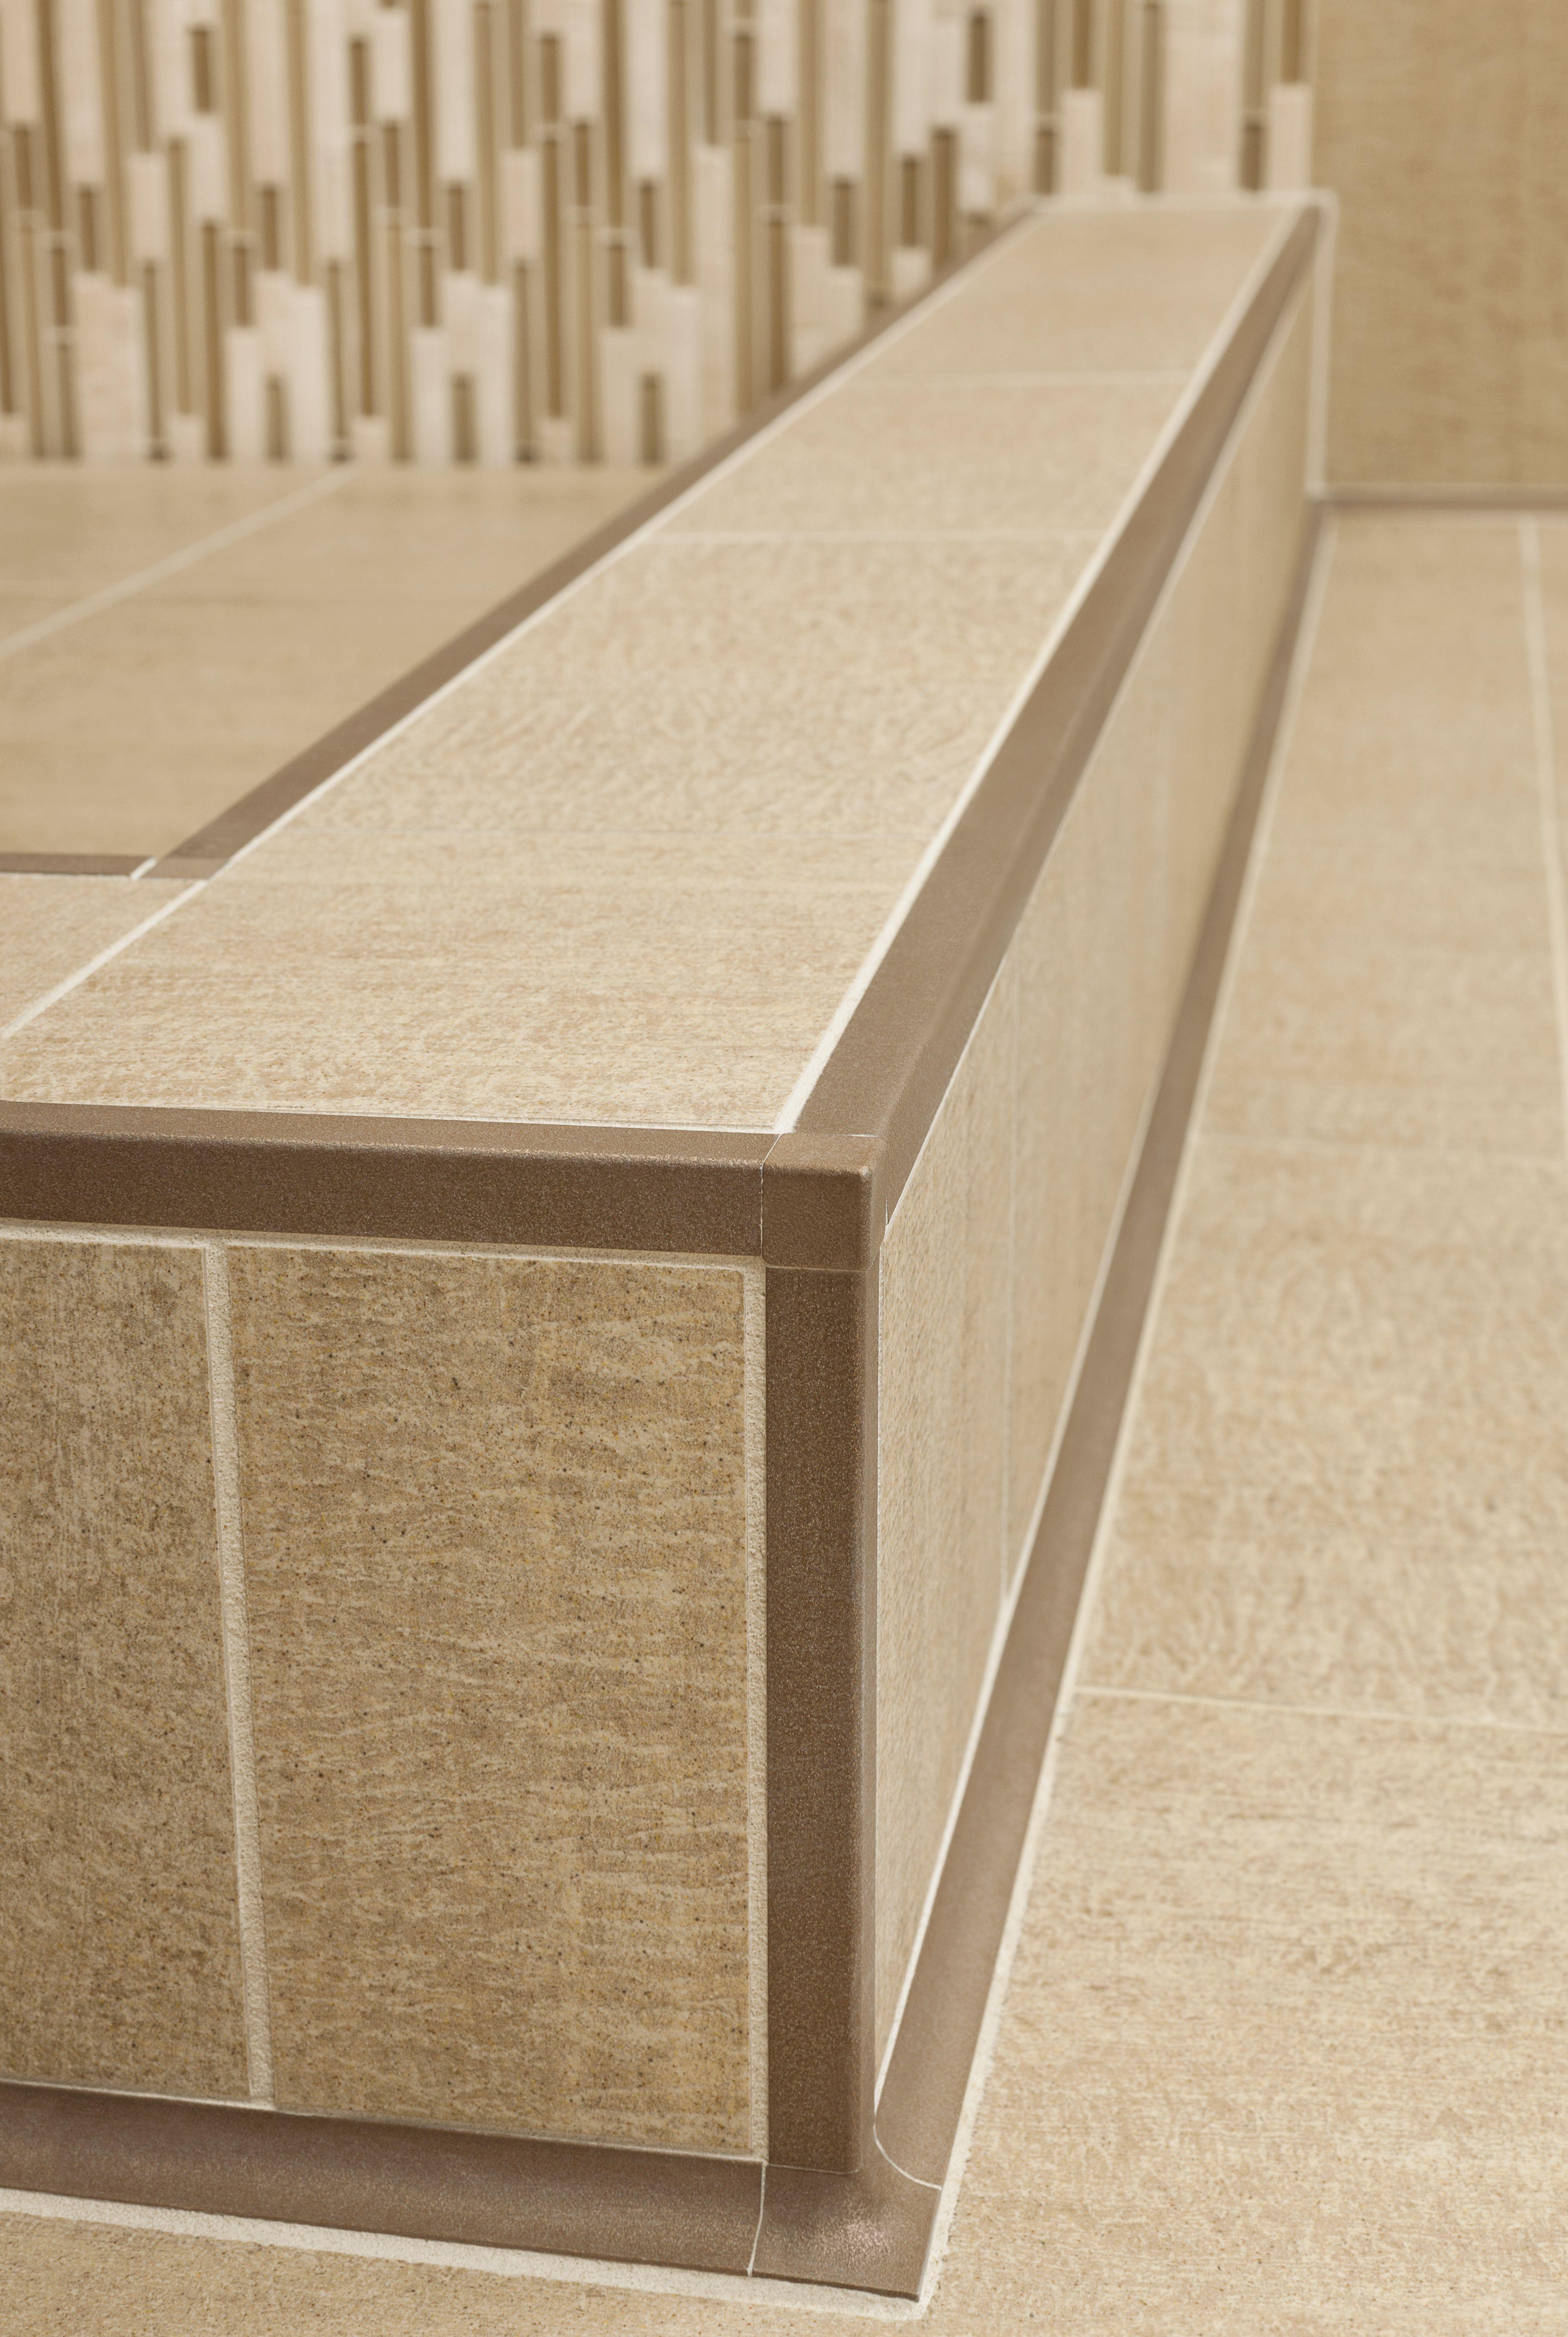 Tiled Shower Edge sand dune | schluter